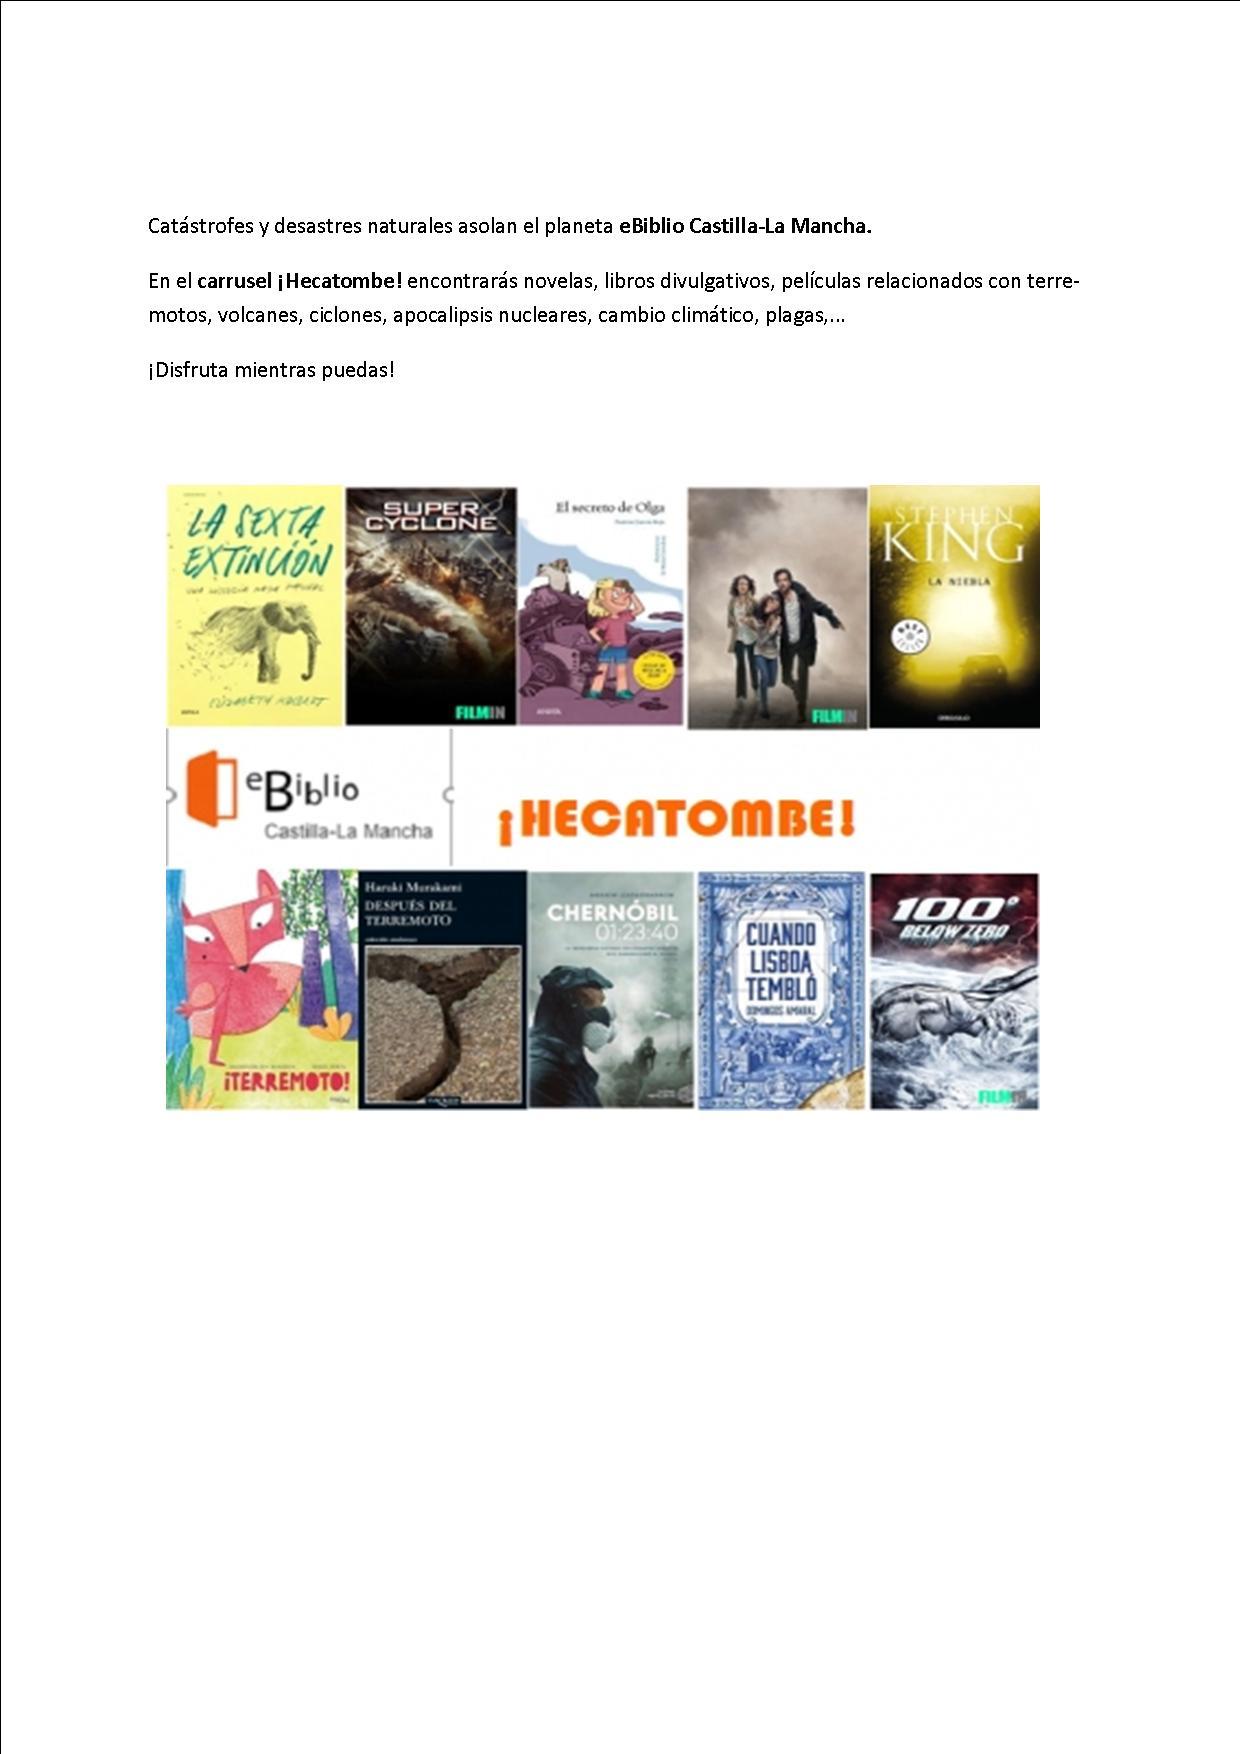 Hecatombre para publicar